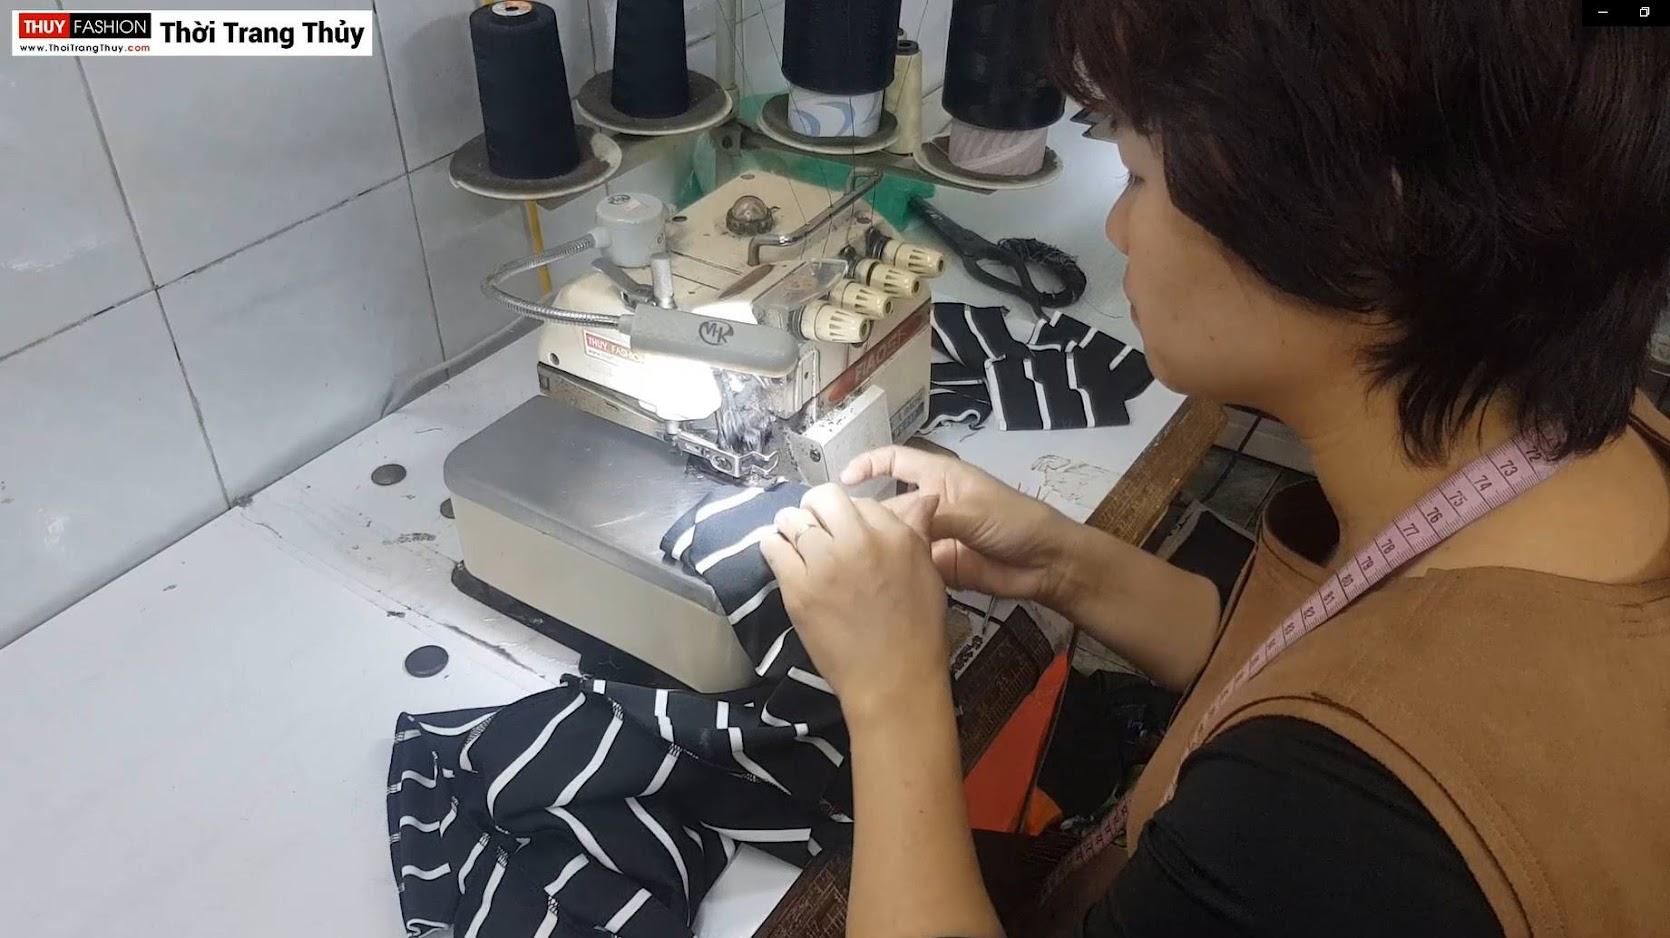 Video Hướng dẫn cách may áo thun nữ vải cotton thời trang thủy ở hải phòng 1